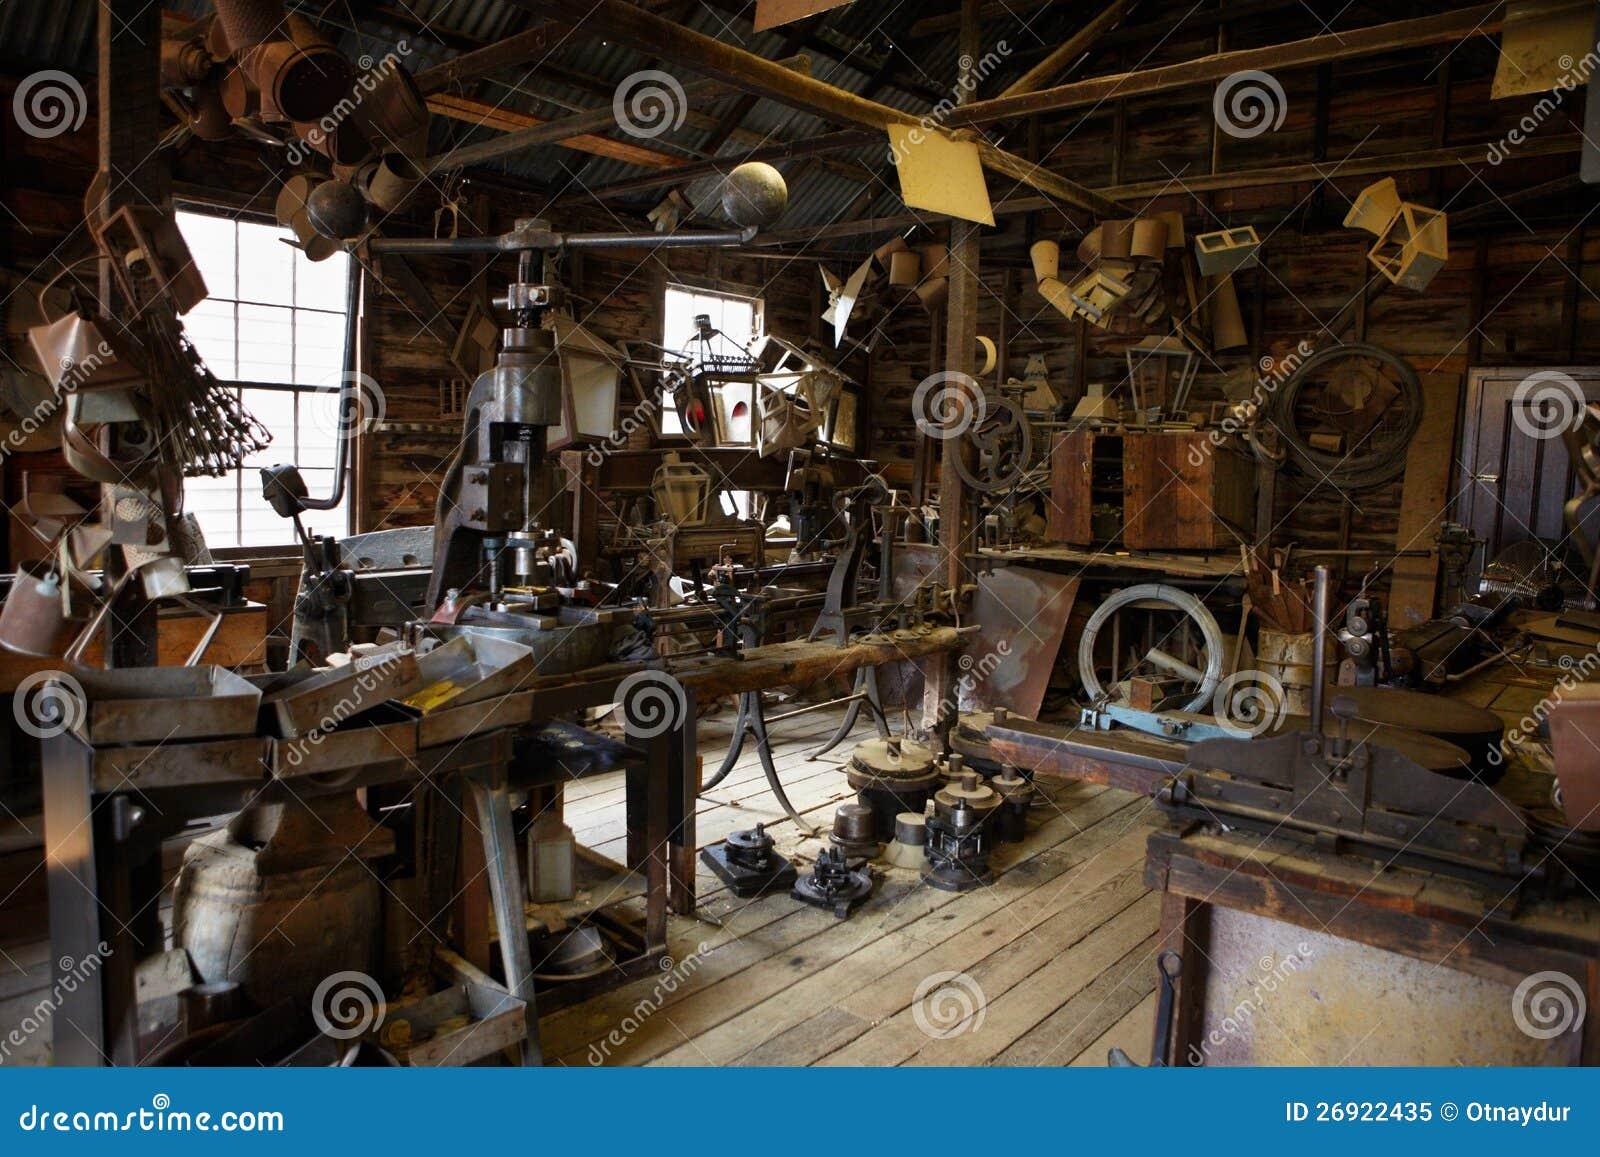 Workshop Royalty Free Stock Photo Image 26922435